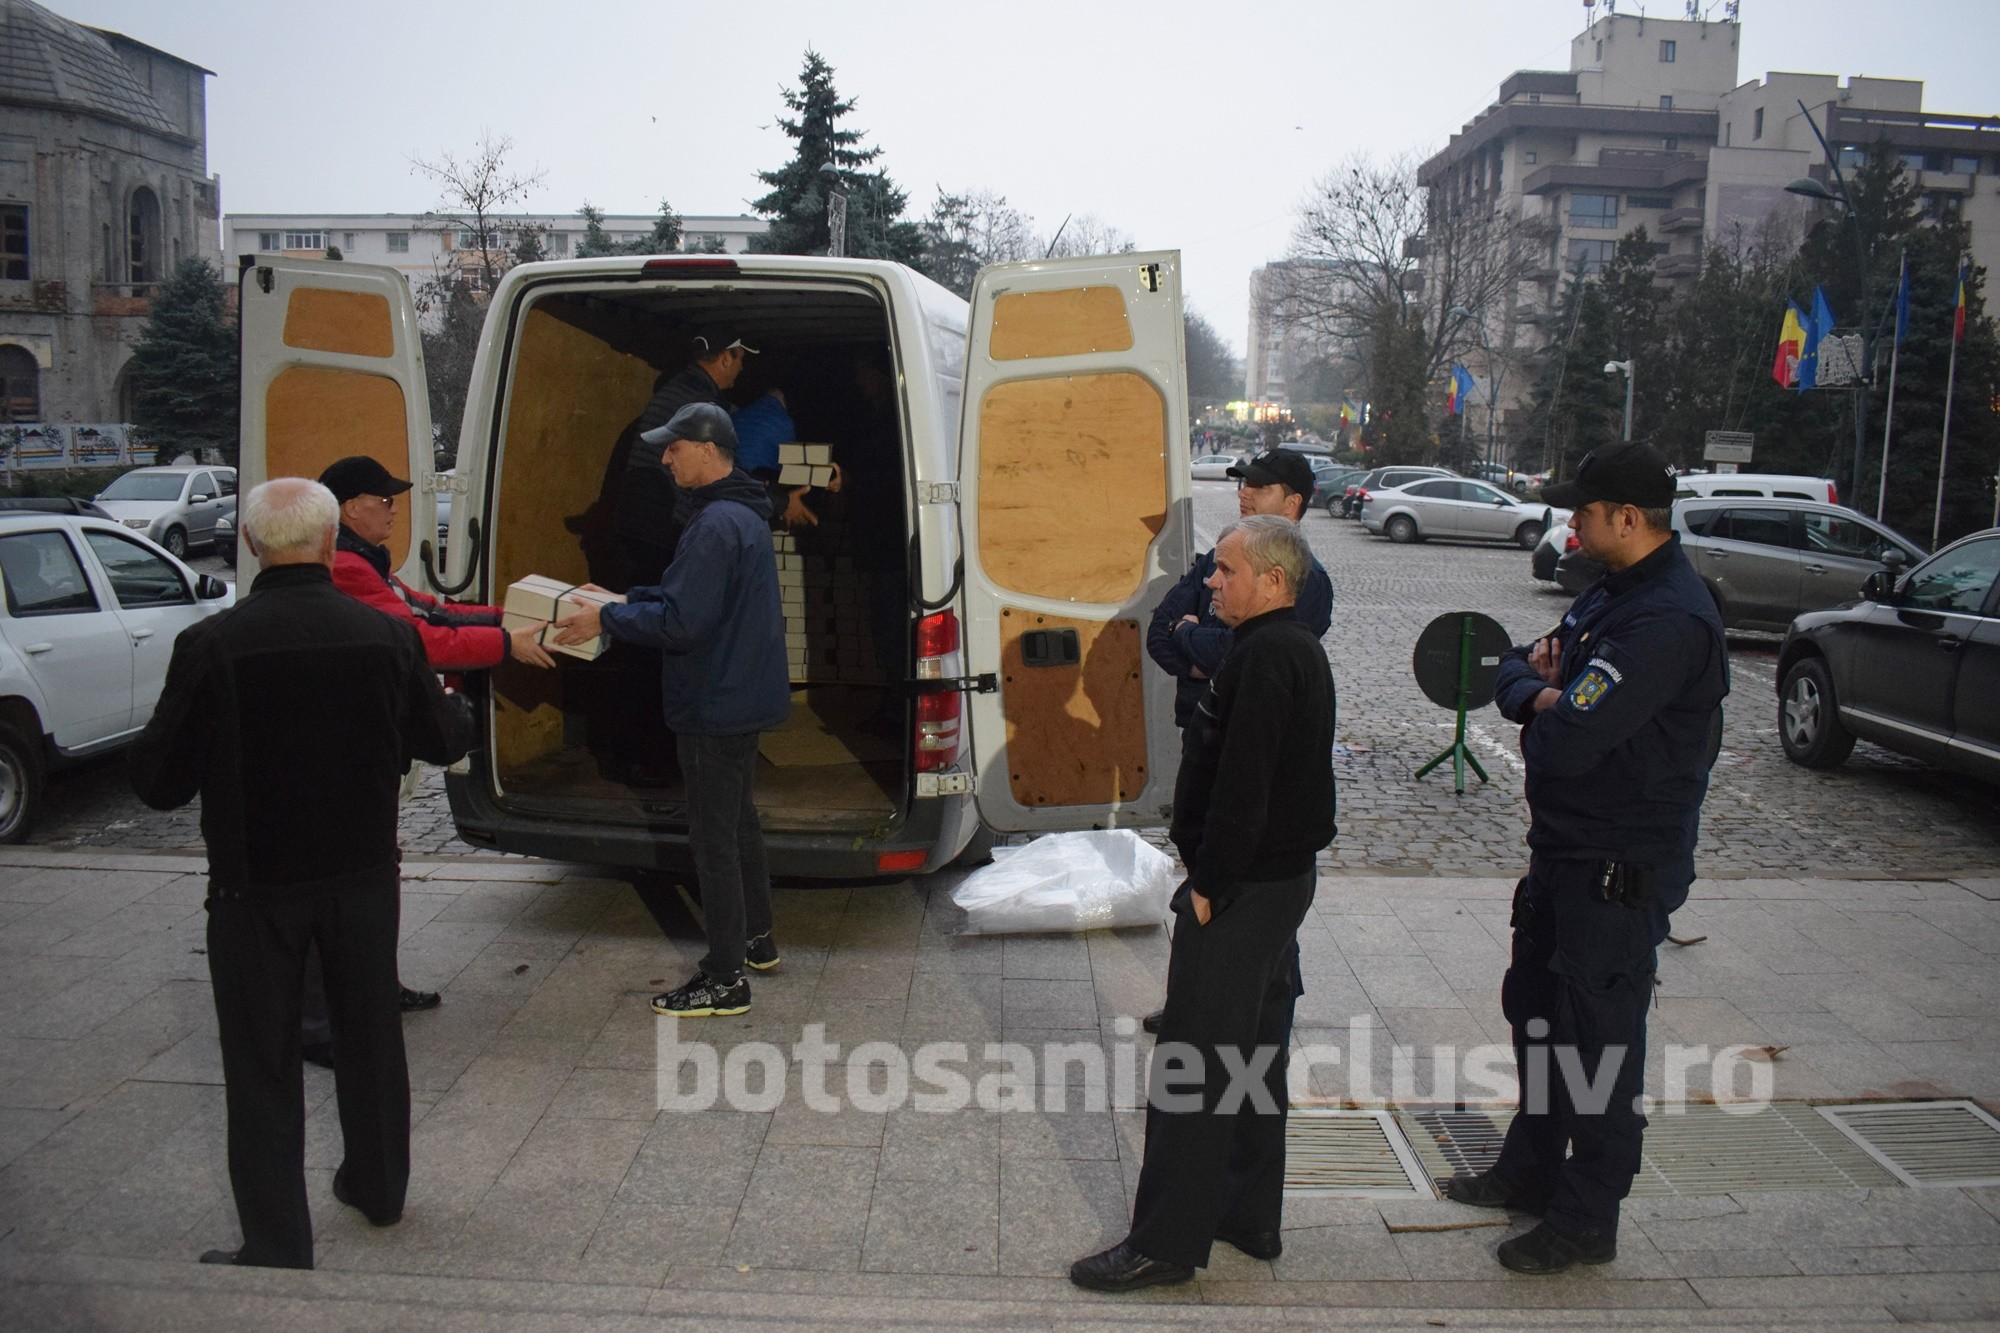 ALEGERI PREZIDENȚIALE:  Au ajuns buletinele de vot repartizate judetului Botoșani, pentru turul doi al alegerilor